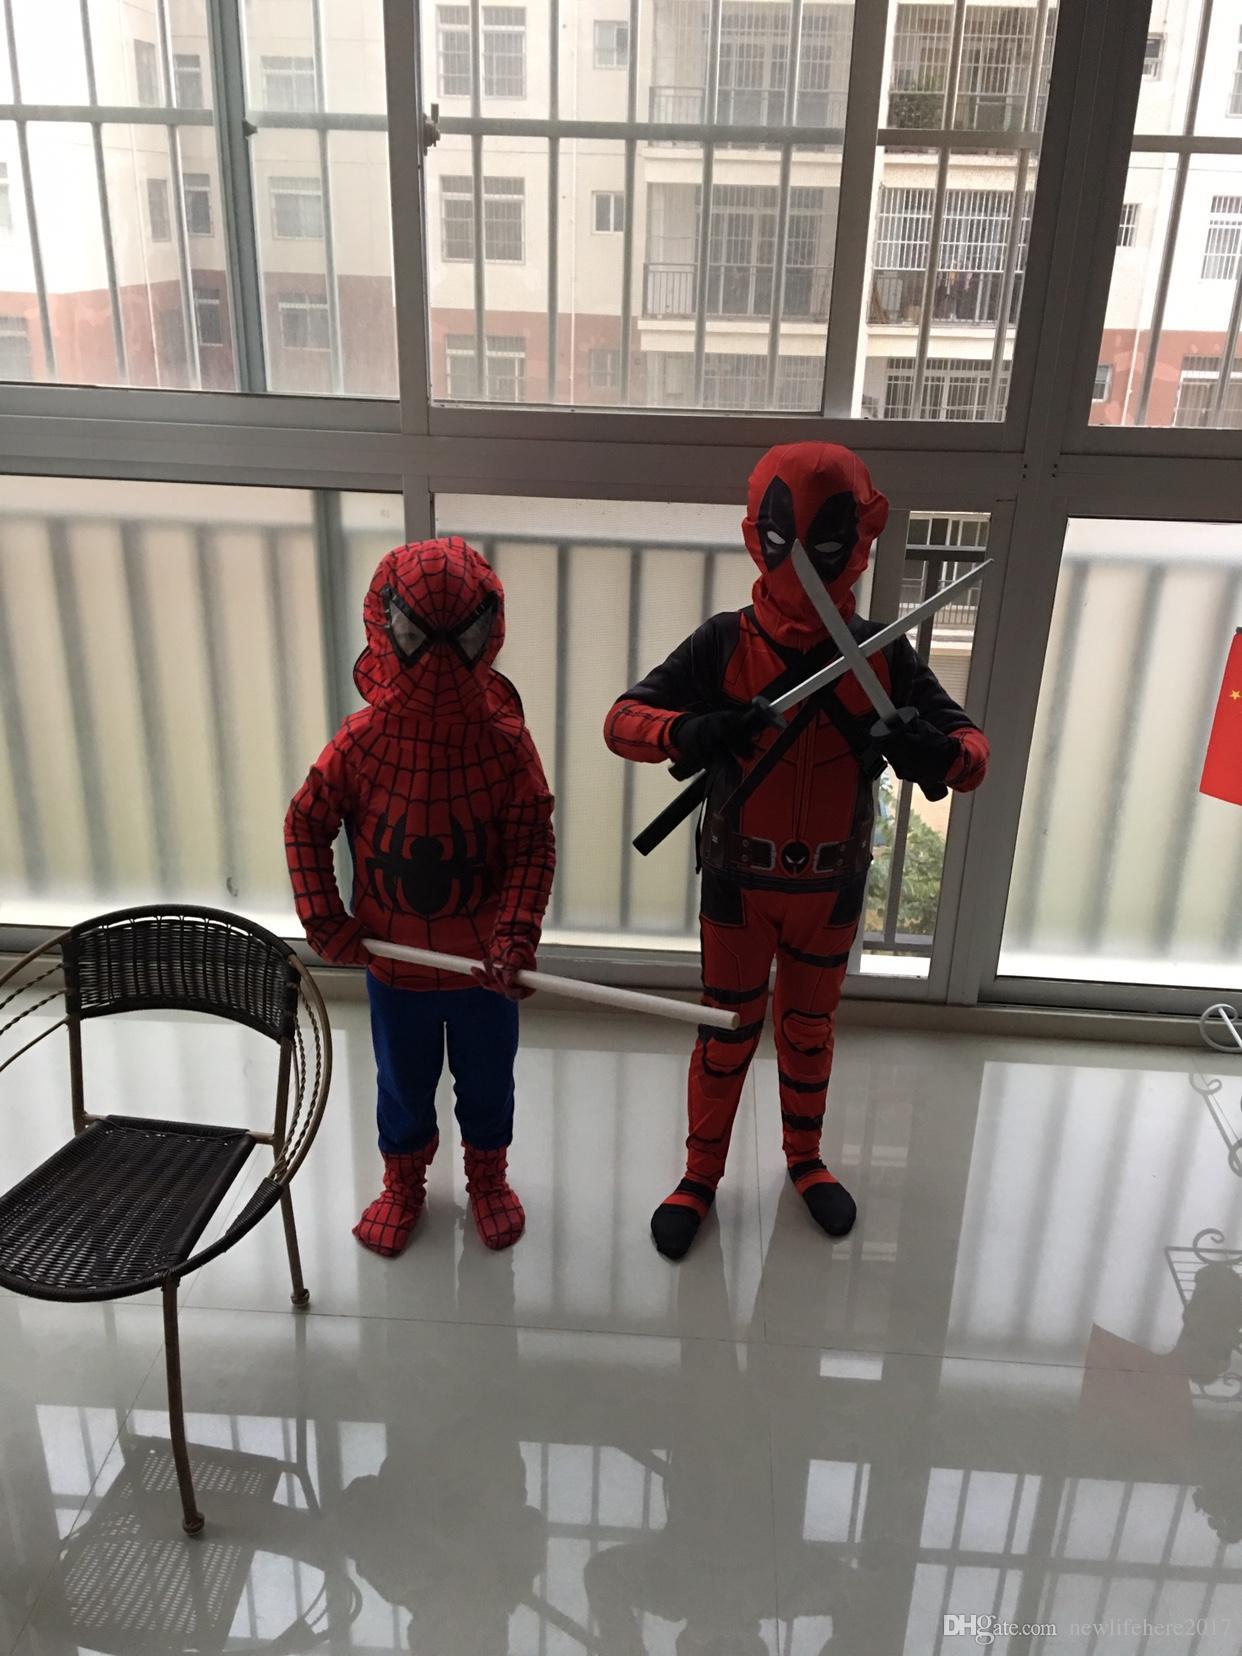 حار الاطفال Deadpool تأثيري هالوين تأثيري كامل للجسم Deadpool الكبار حلي الطباعة الرقمية ليكرا ملابس